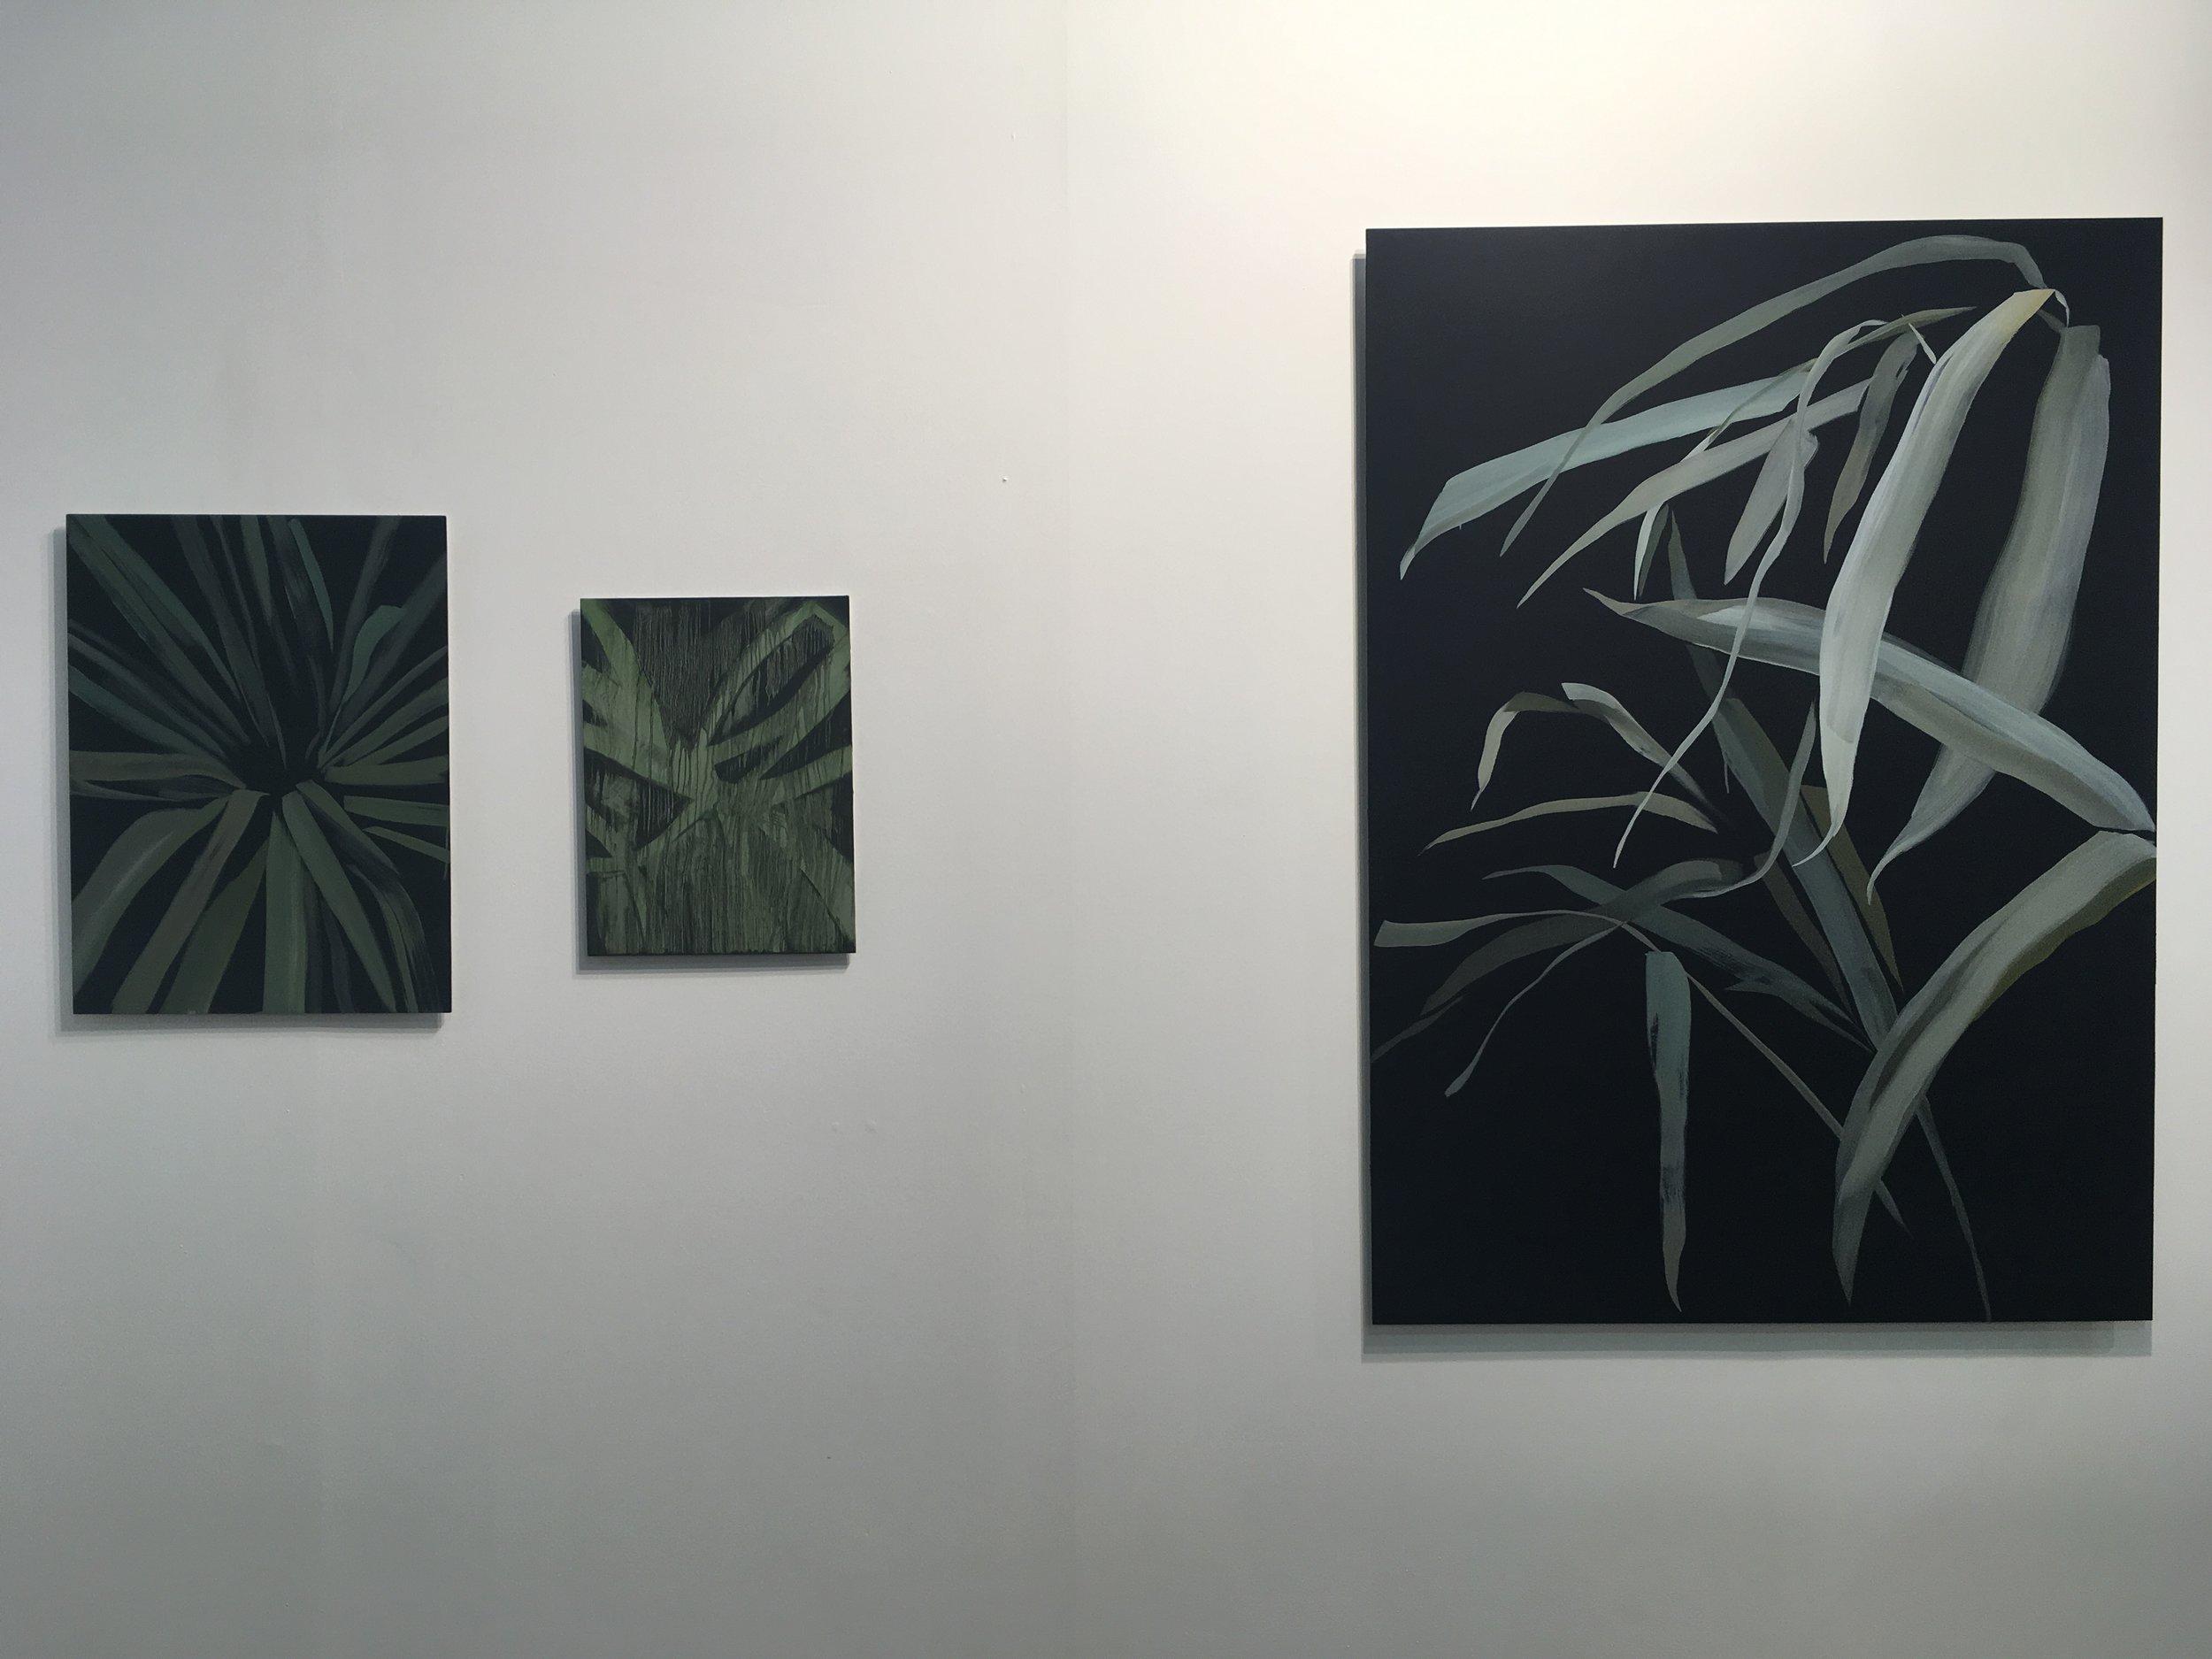 Marjolein Rothman / Wetterling Gallery, Gothenburg